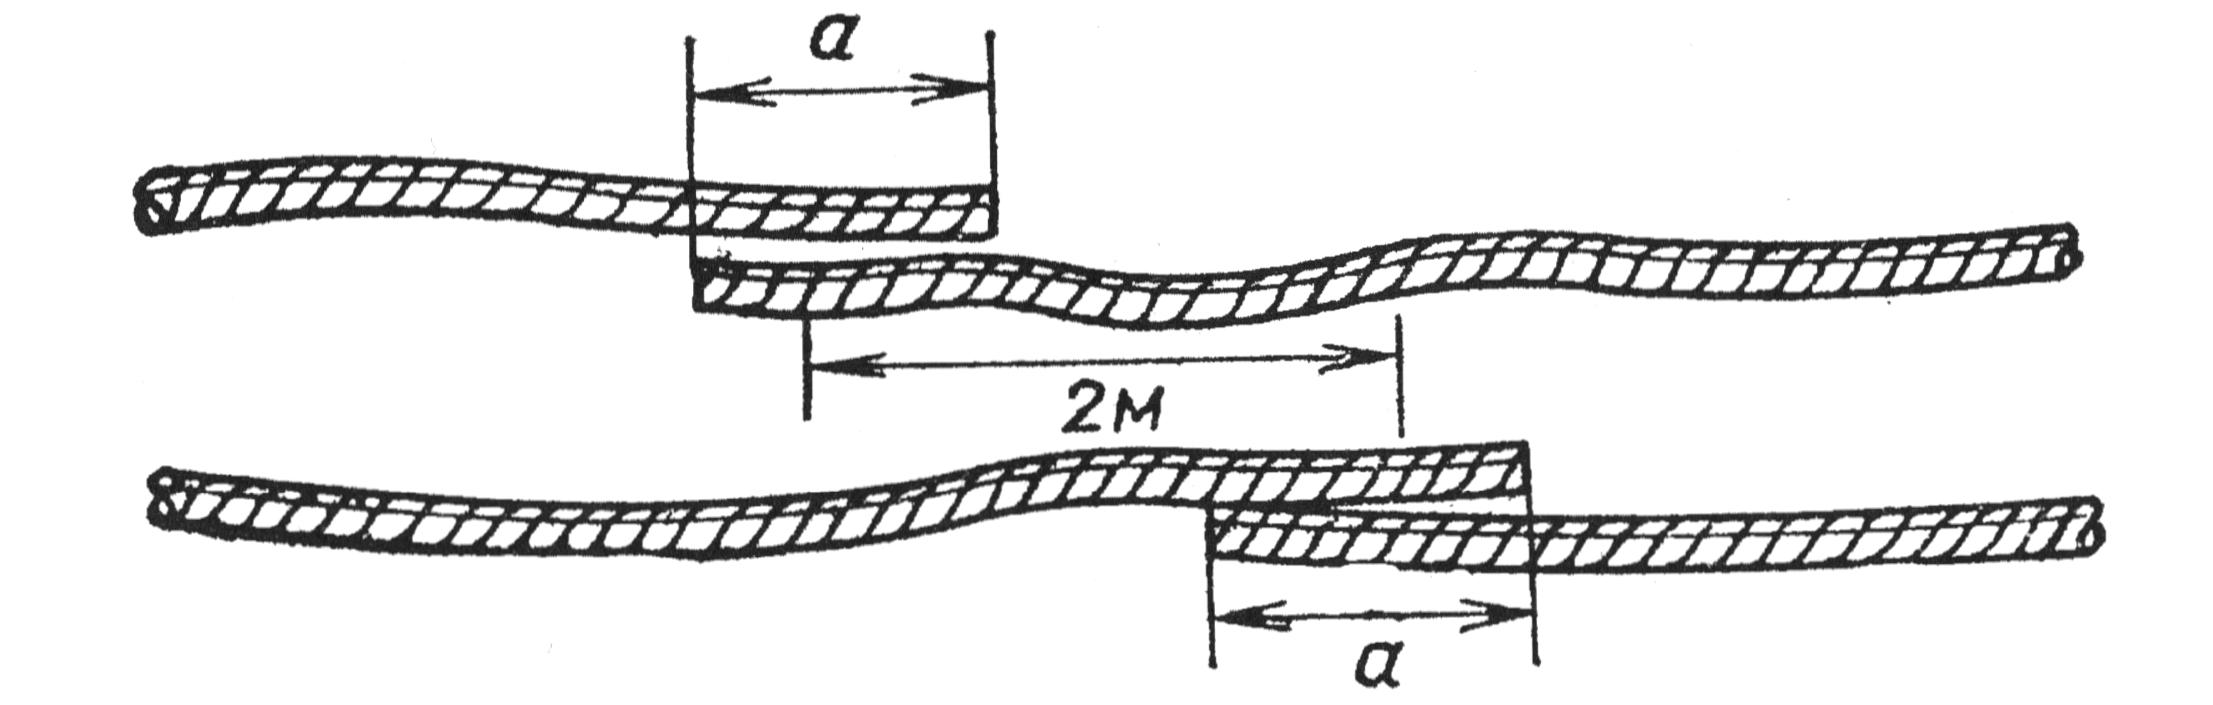 Расположение концов кабелей в месте монтажа двух соединительных муфт